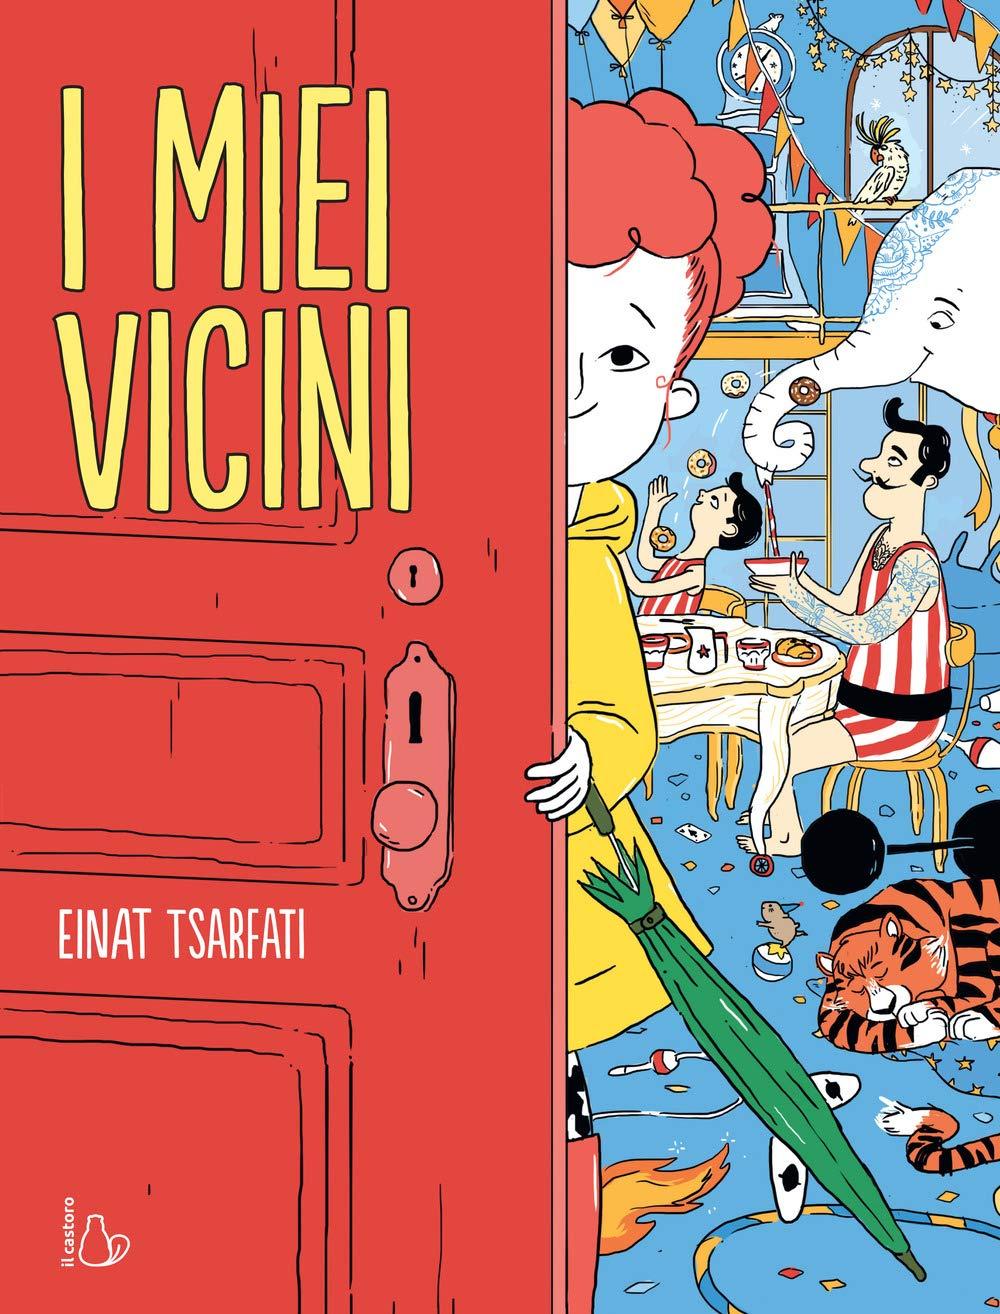 Amazon.it: I miei vicini. Ediz. a colori - Tsarfati, Einat, Scarfone, G. -  Libri